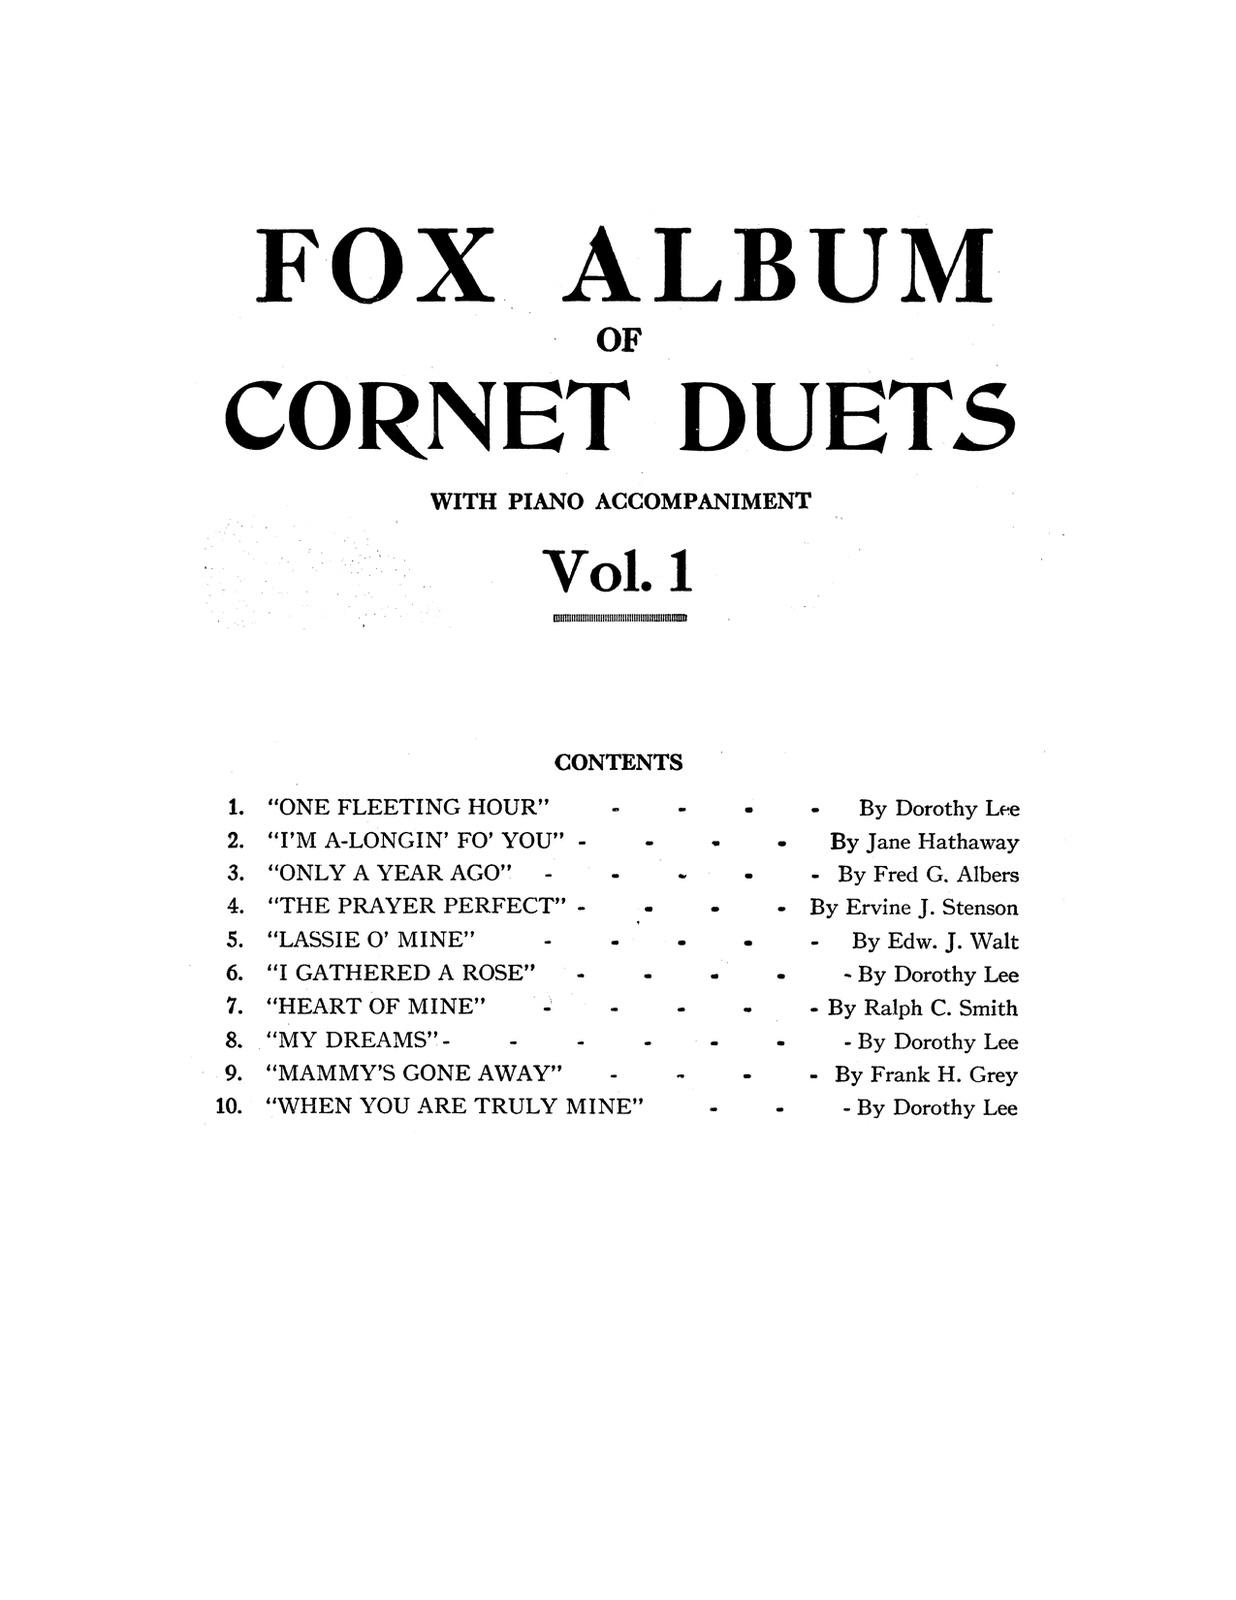 Fox Album of Cornet Duets Vol.1-p27